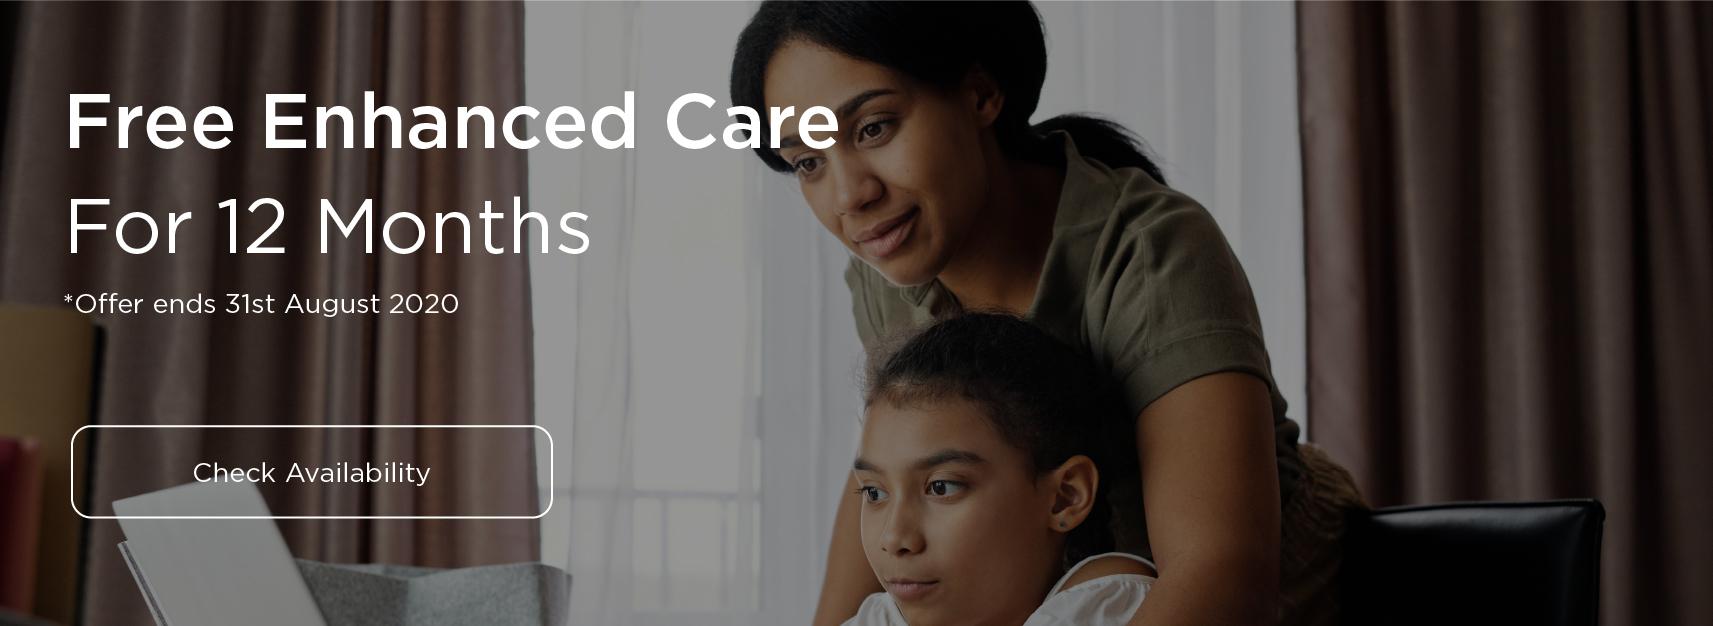 Free enhanced care